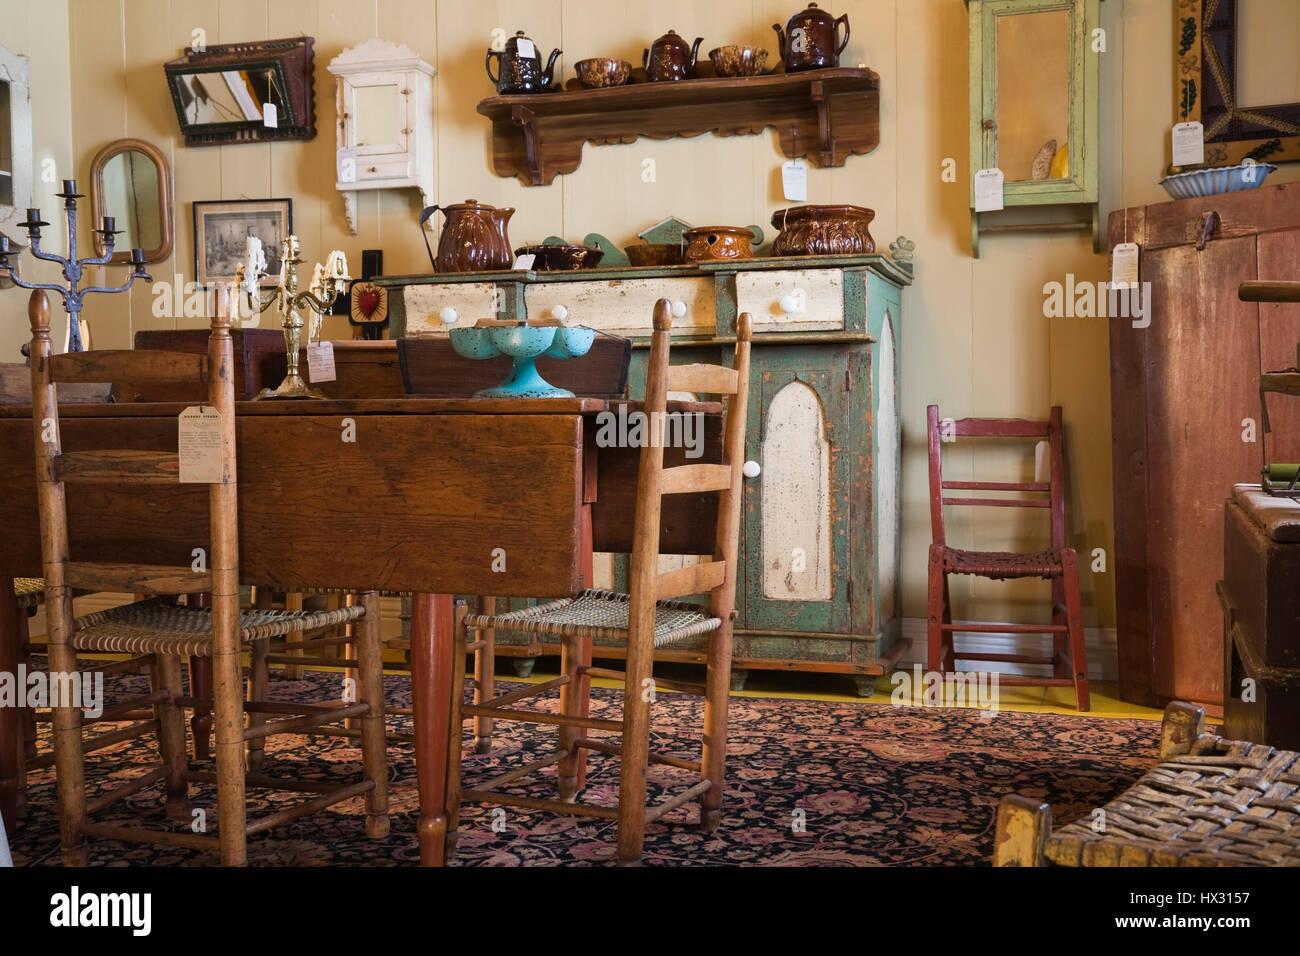 Antiken Aus Holz Braun Esszimmer Tisch Und Grün Und Weiß Buffet Im  Antiquitätengeschäft In 1810 Alten Haus Innen Gelegen